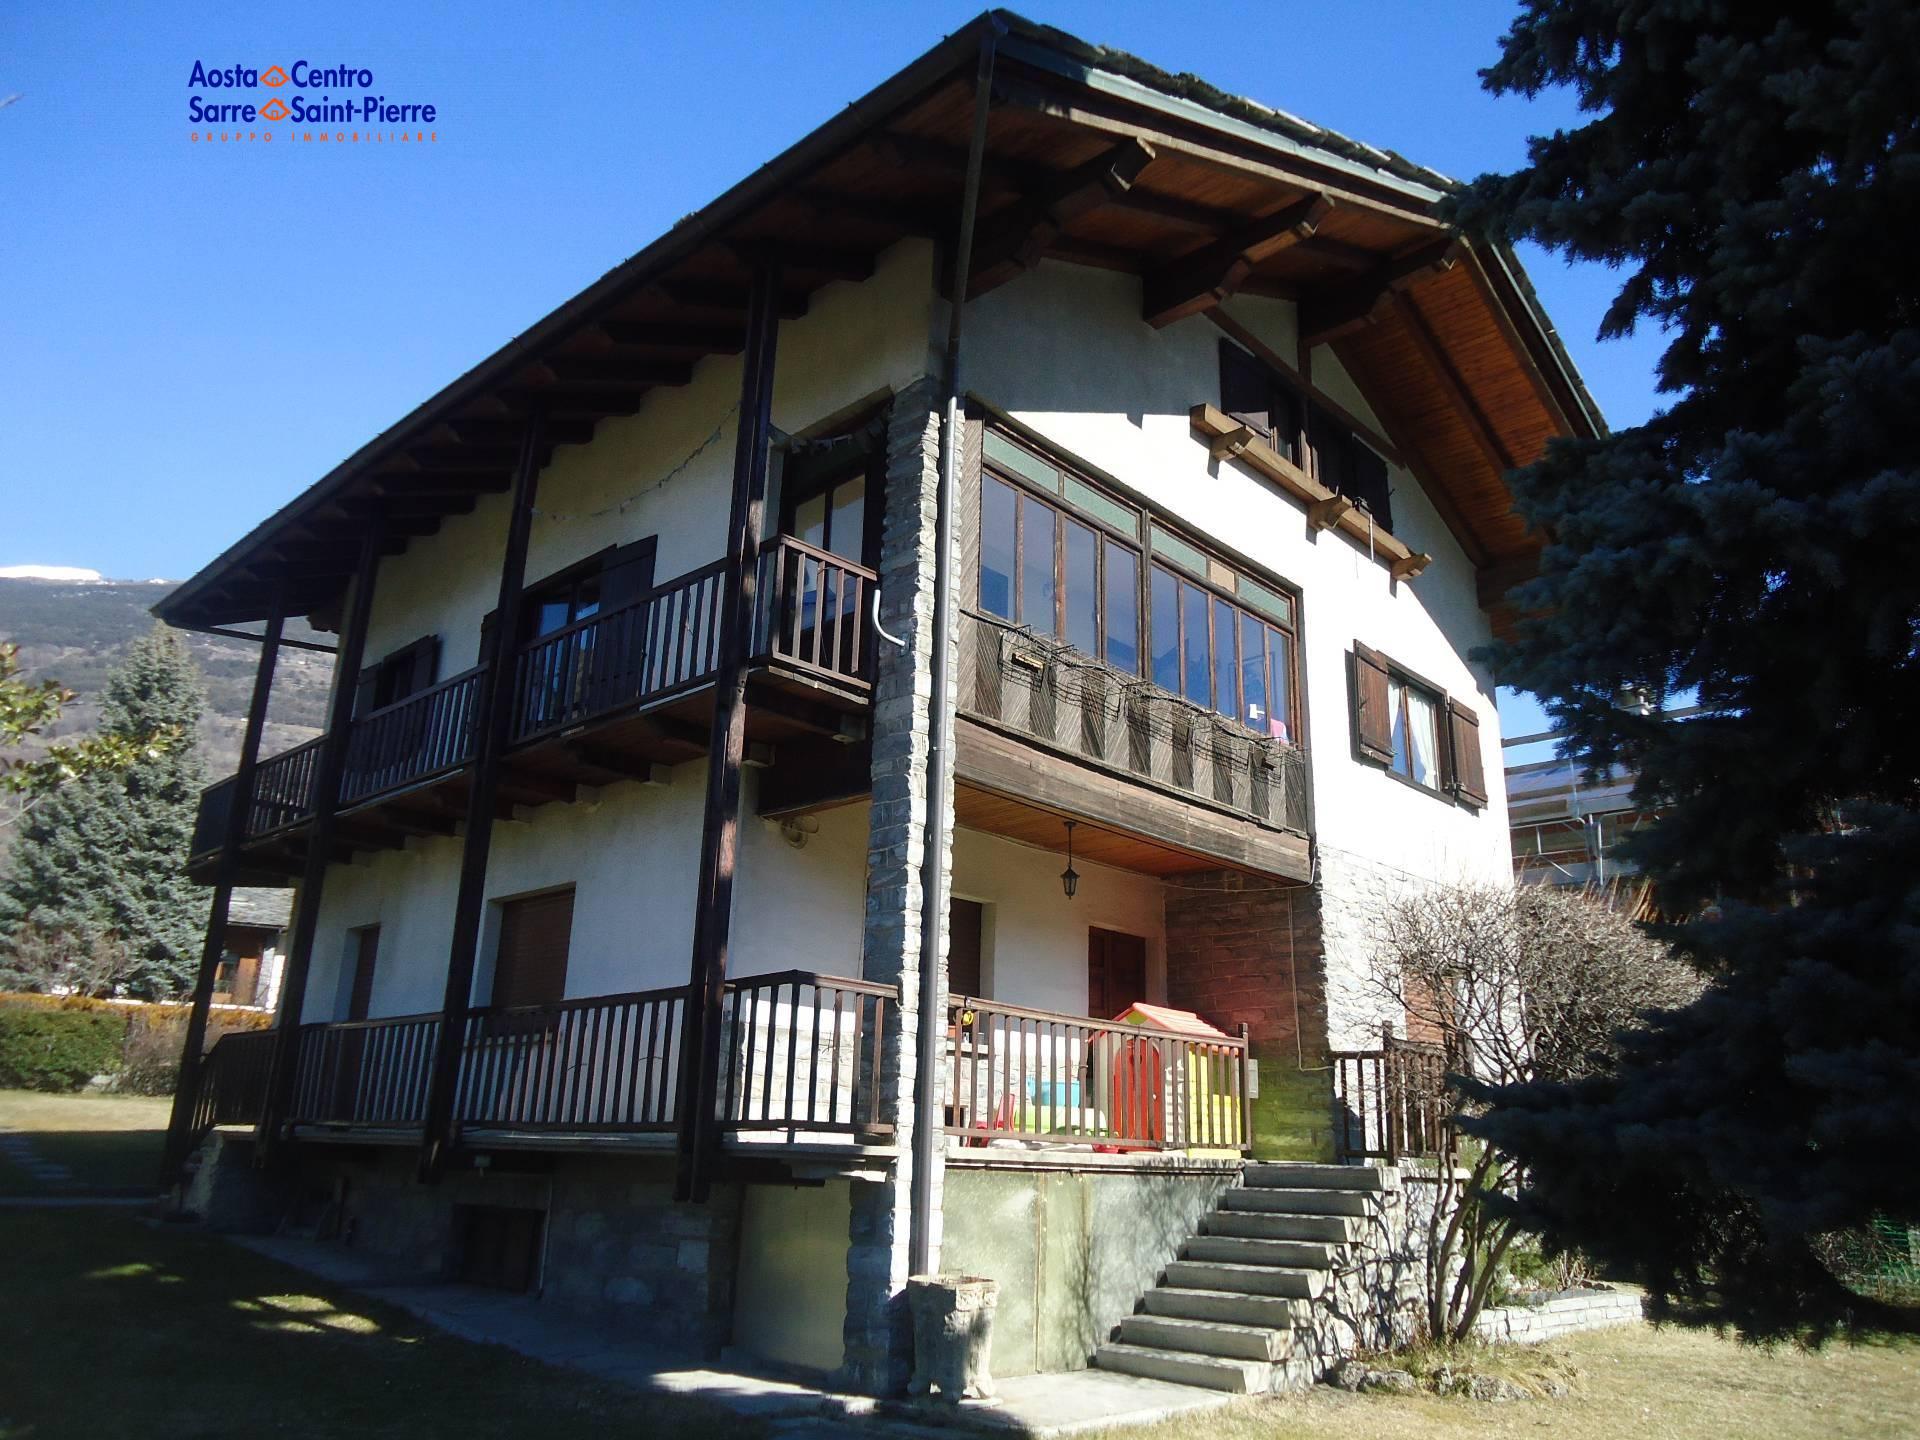 Villa in vendita a Saint-Pierre, 12 locali, zona Località: ChateauFeuillet, prezzo € 420.000   PortaleAgenzieImmobiliari.it